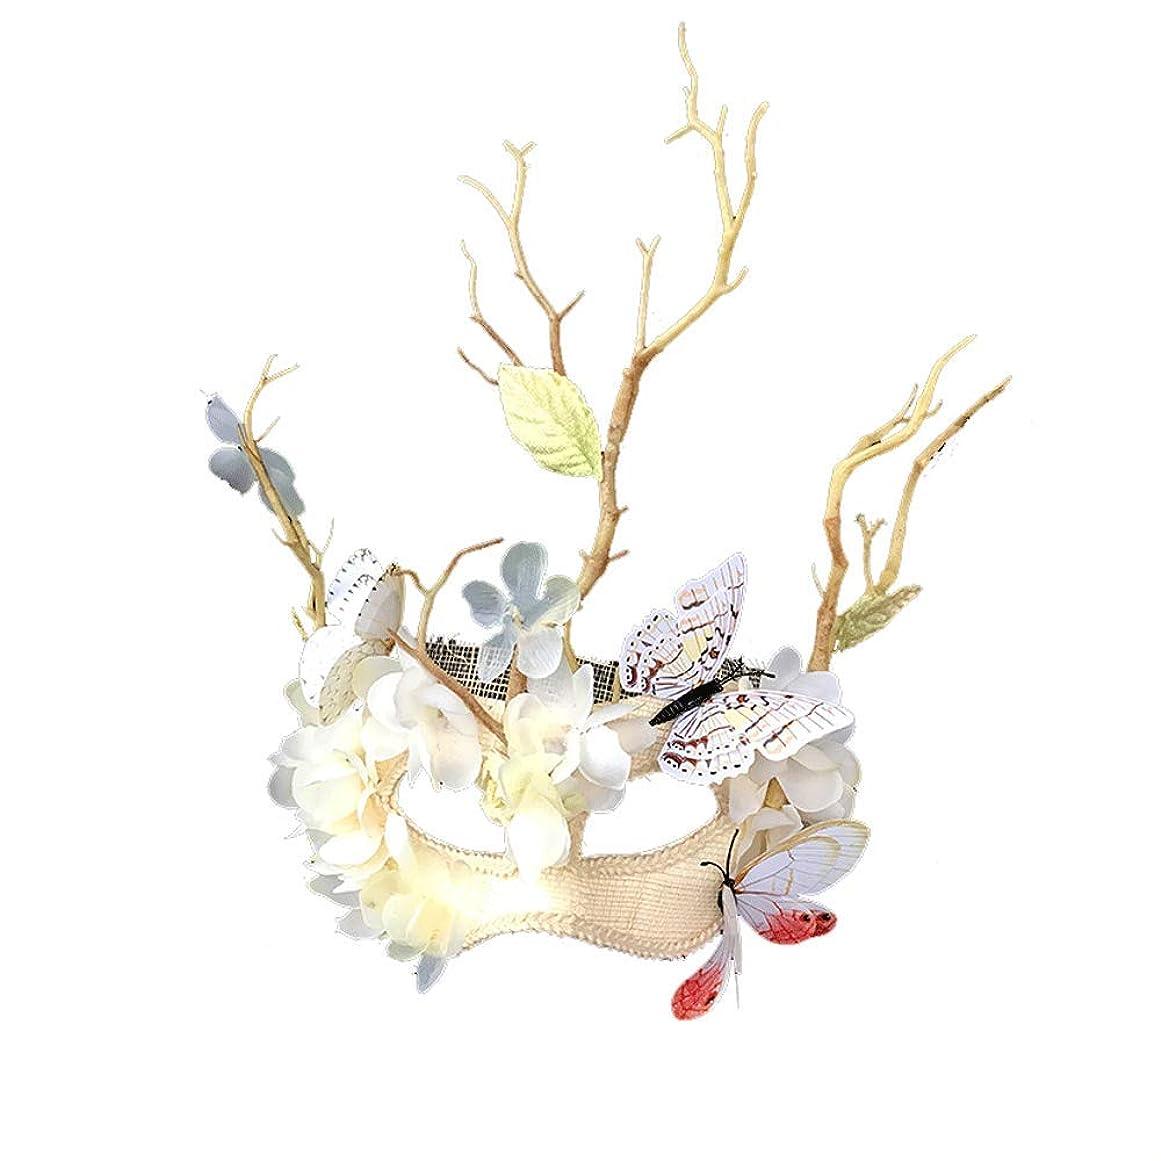 感謝祭アンペアプレミアムNanle ハロウィンの蝶の木ブランチマスク仮装マスクレディミスプリンセス美容祭パーティーデコレーション (色 : ベージュ)